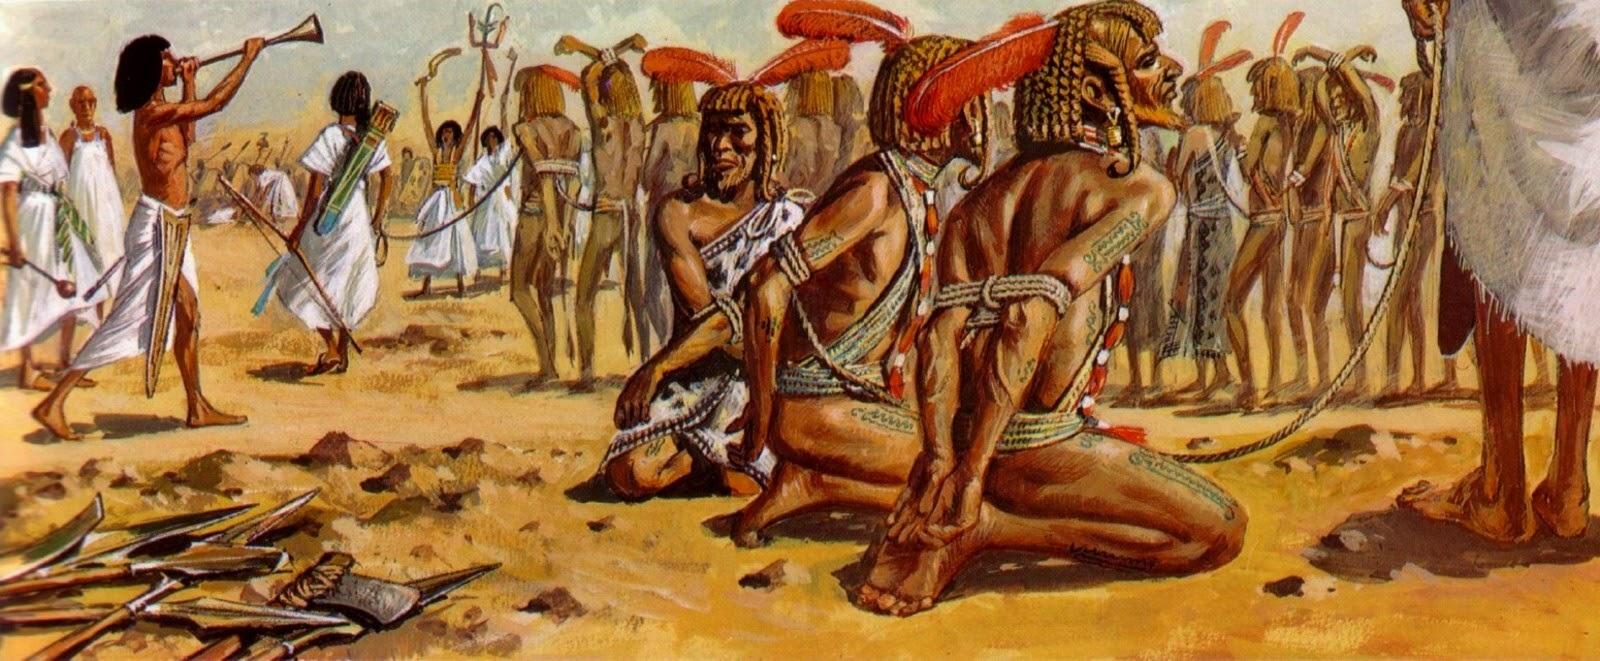 Смотреть секс в древнем египте